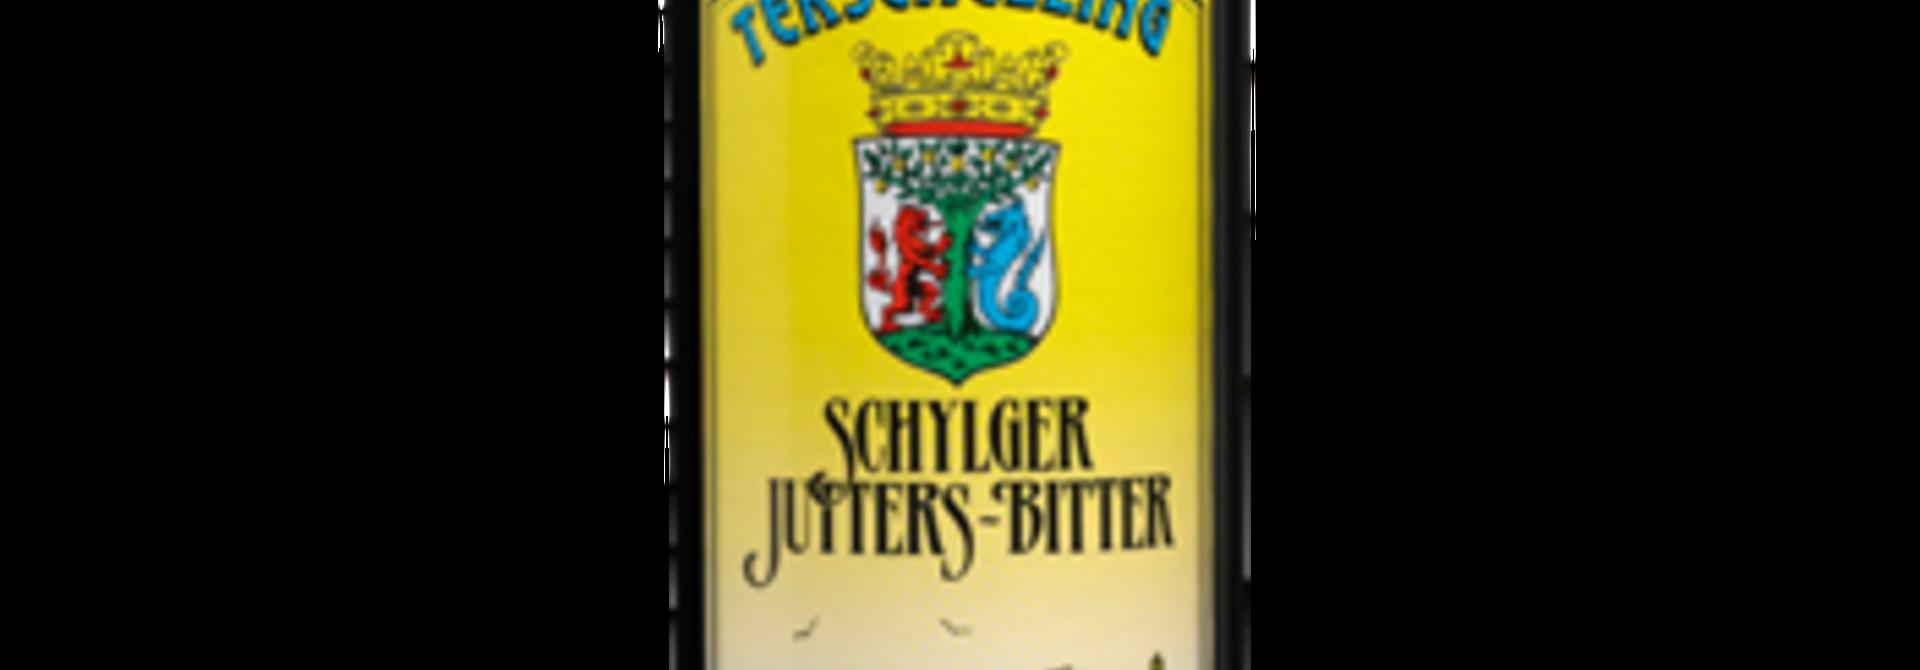 SCHYLGER jutterbitter 1.0ltr